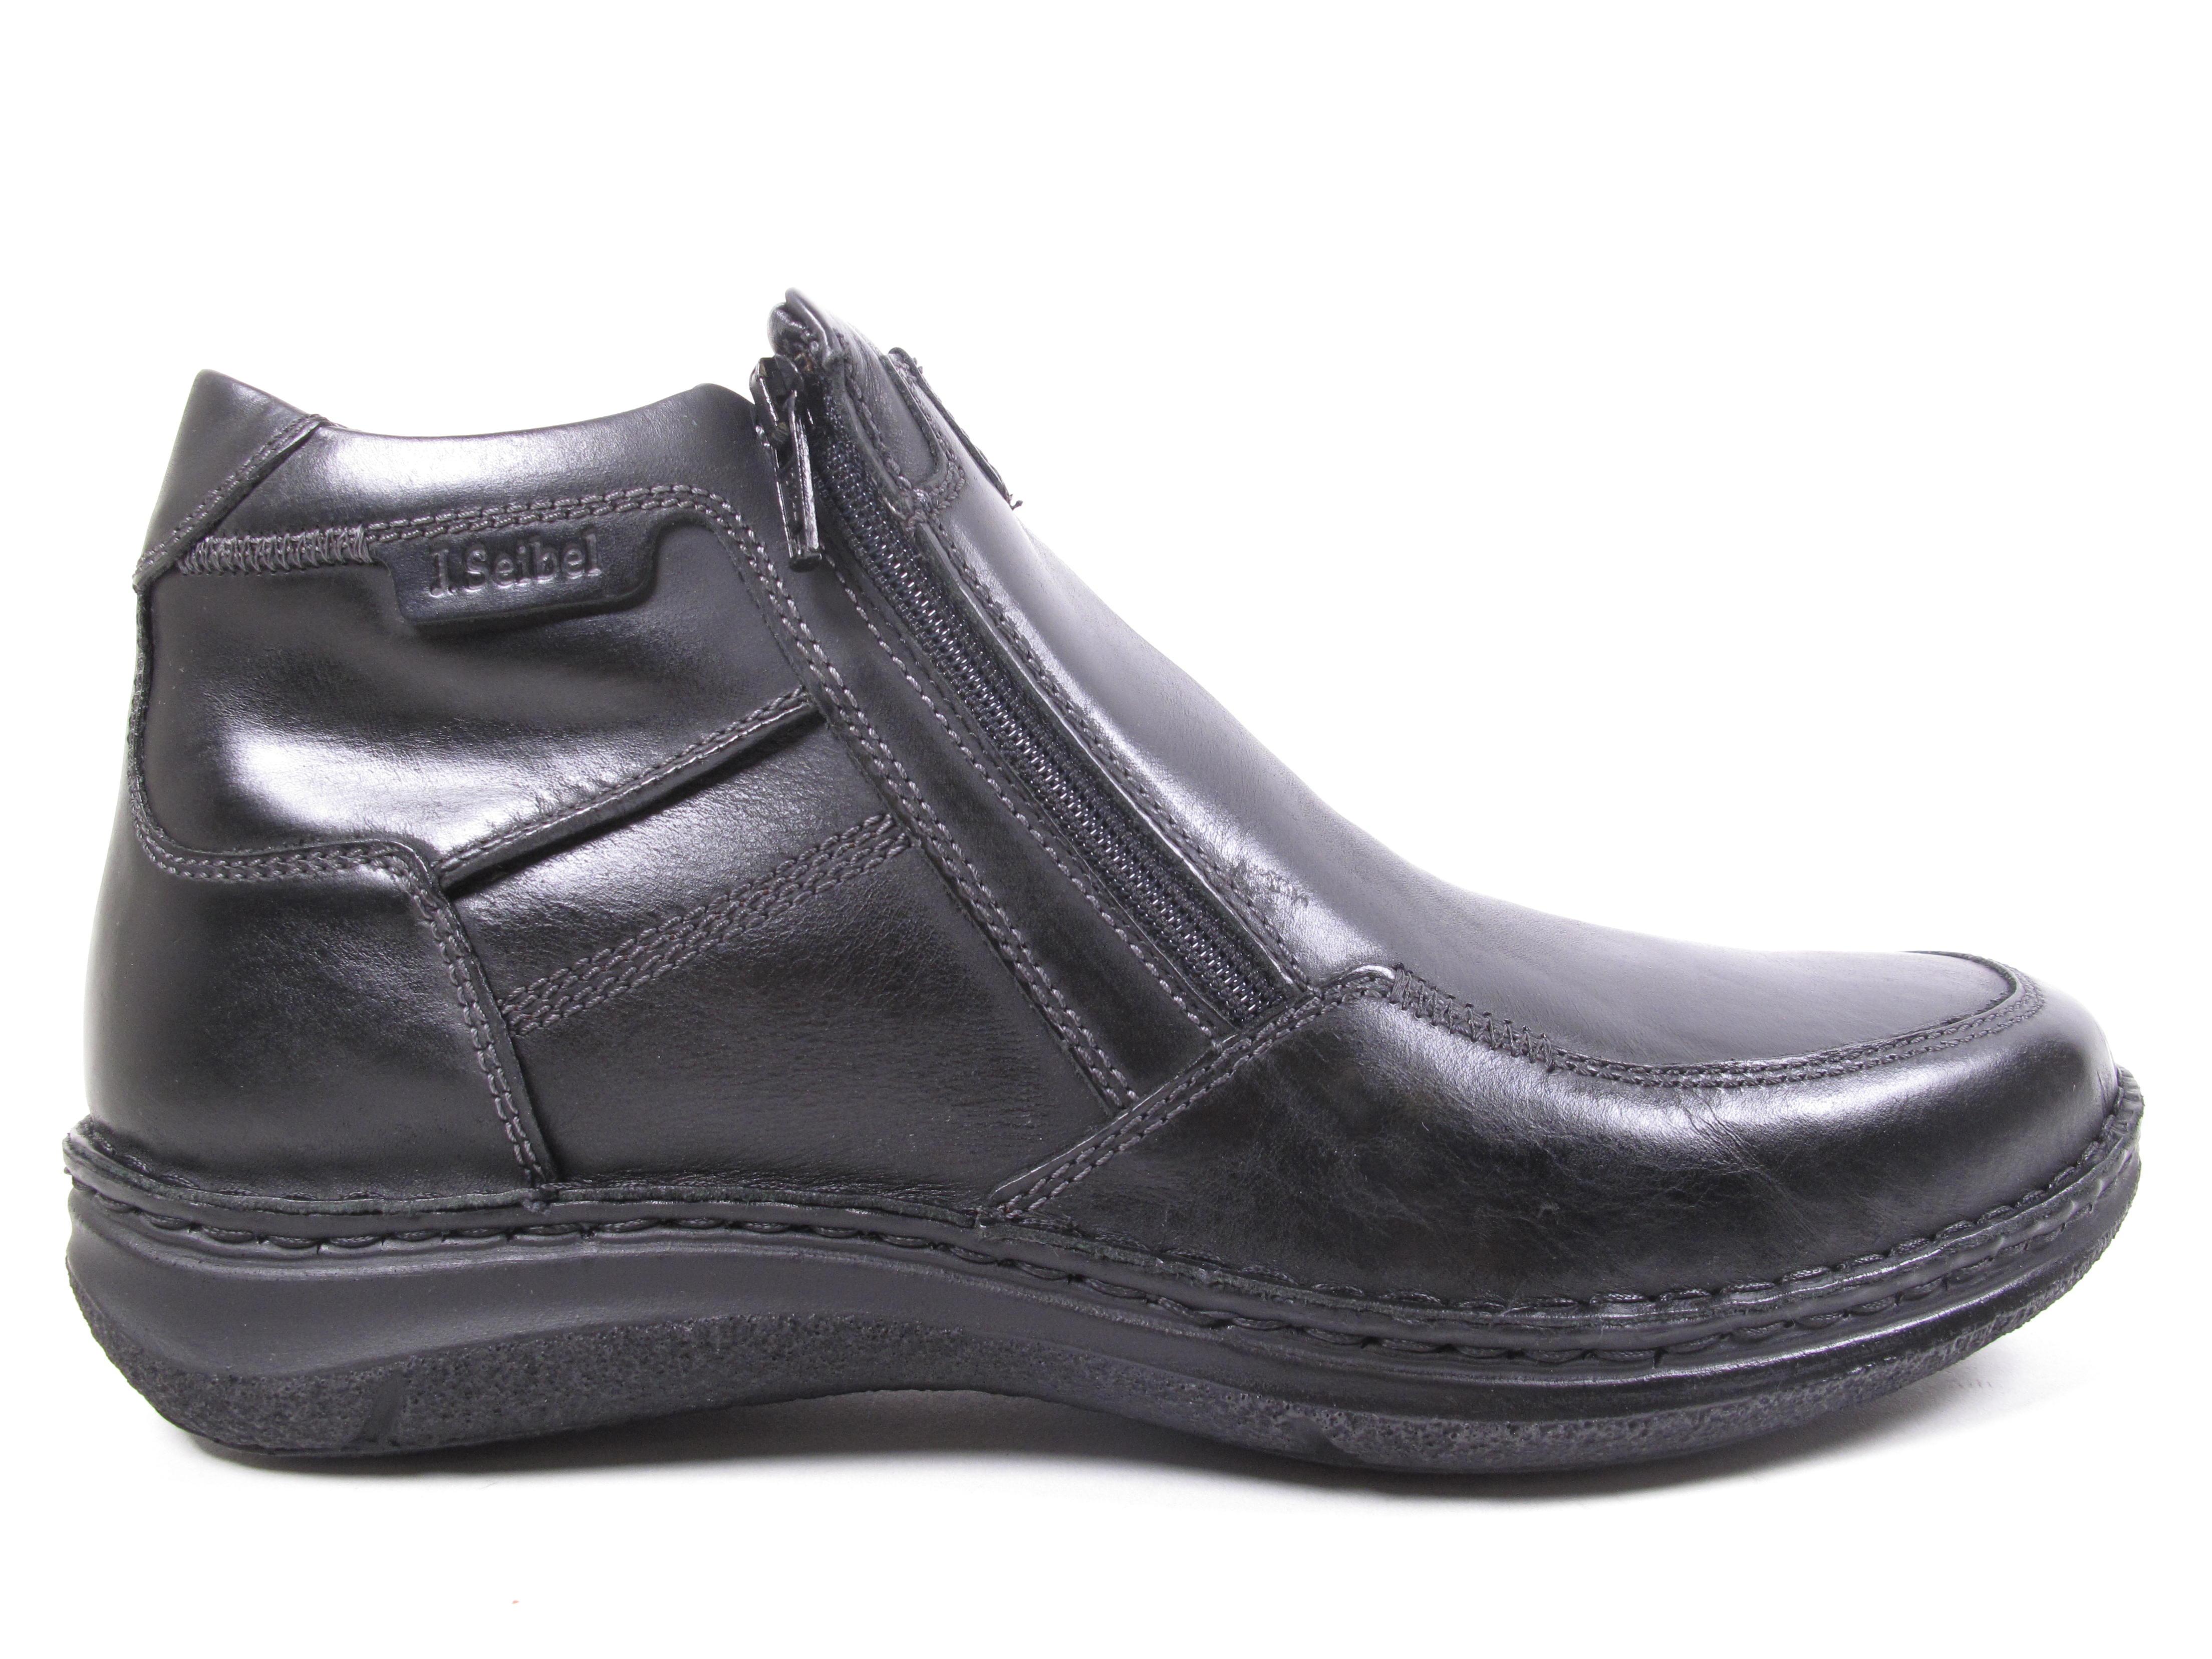 Los zapatos más populares para hombres y mujeres Josef Seibel ANVERS Botas de hombre botines 43382pl950/600 Negras Nueva